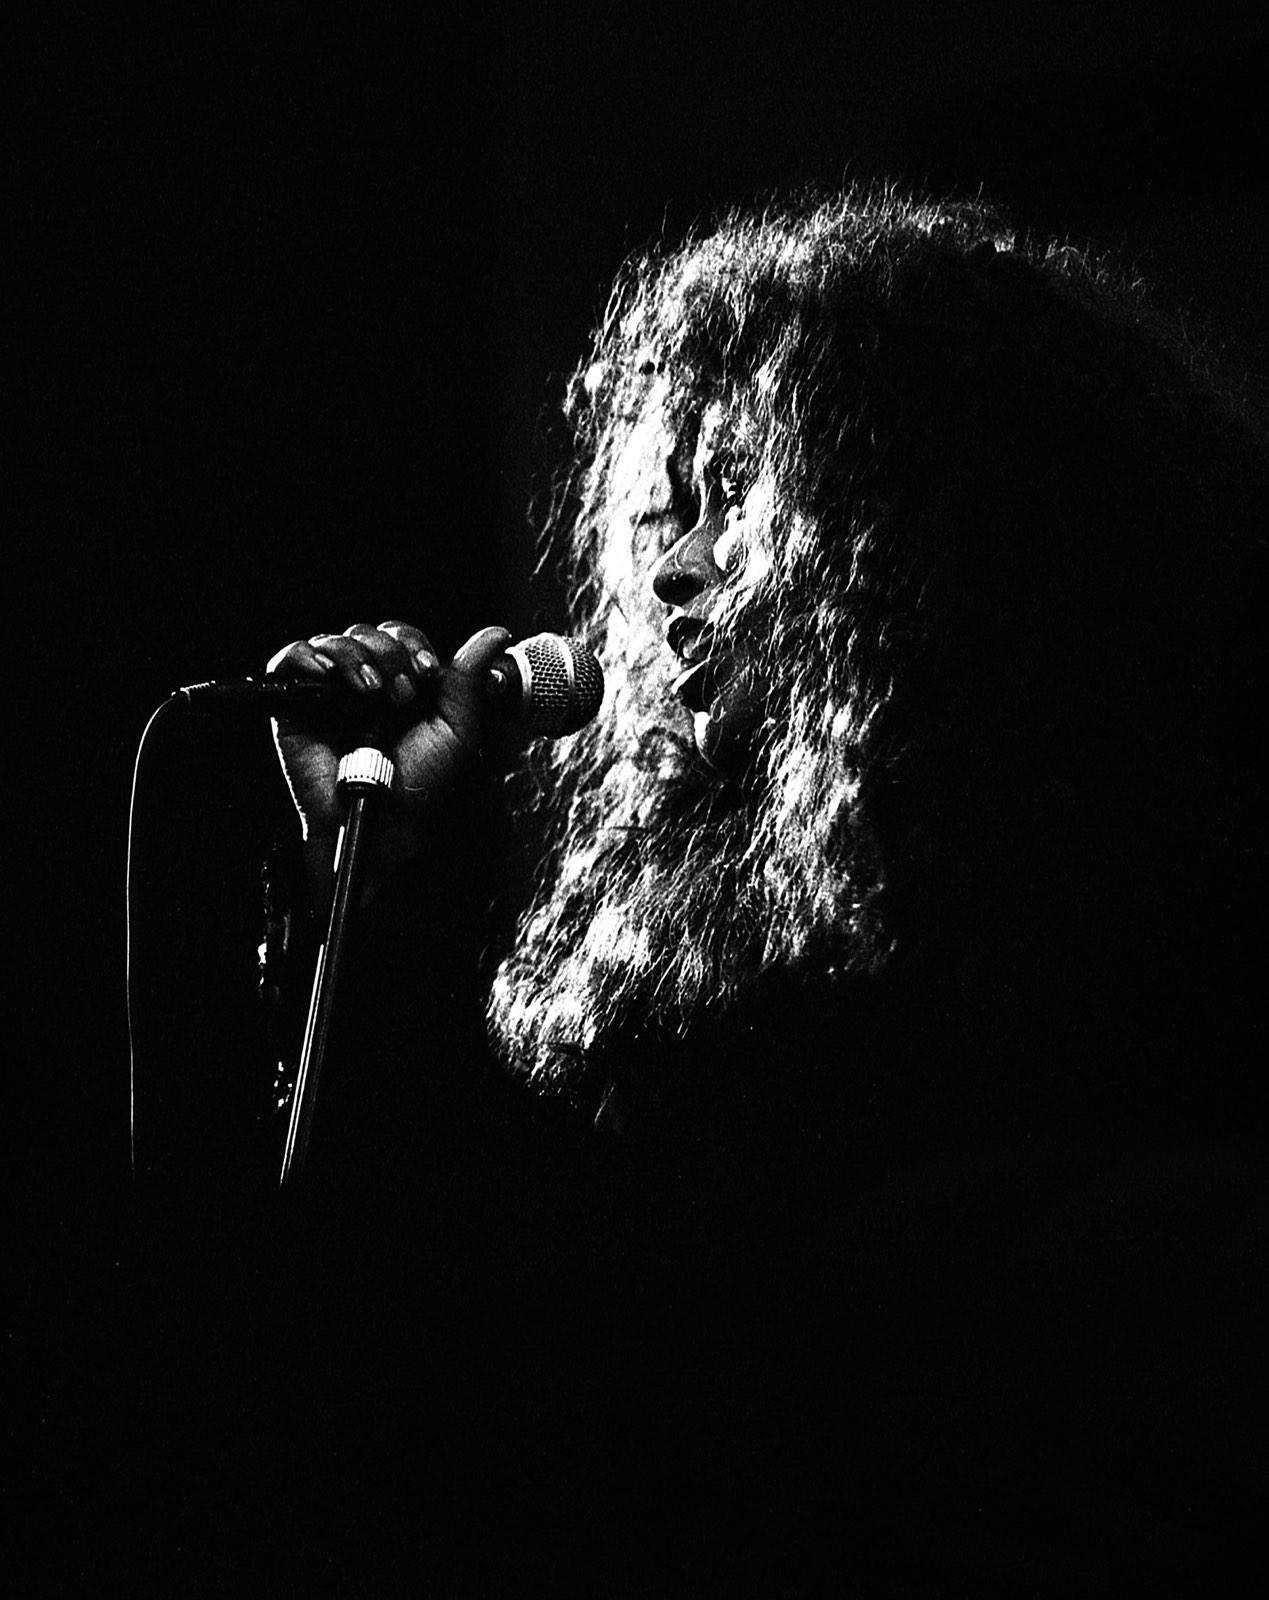 Shaka Khan zingend door Frans Davids